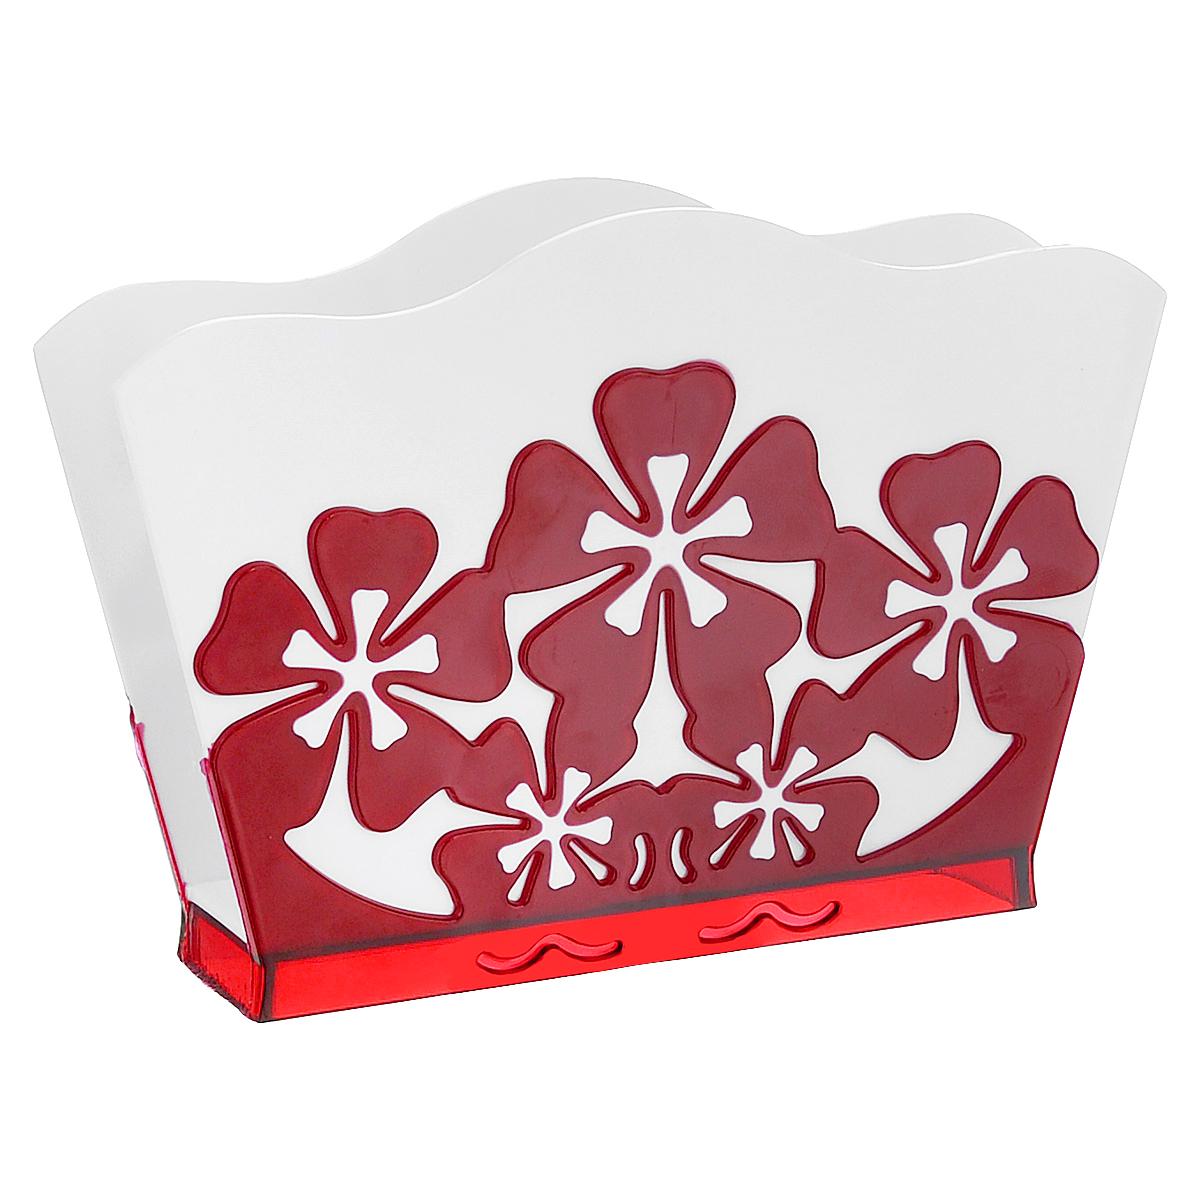 Салфетница Камелия, цвет: белый, красныйМ1928Салфетница Камелия изготовлена из высококачественного прочного пластика и оформлена декоративными цветами. Яркий и оригинальный дизайн несомненно придется вам по вкусу. Такая салфетница великолепно украсит праздничный стол.